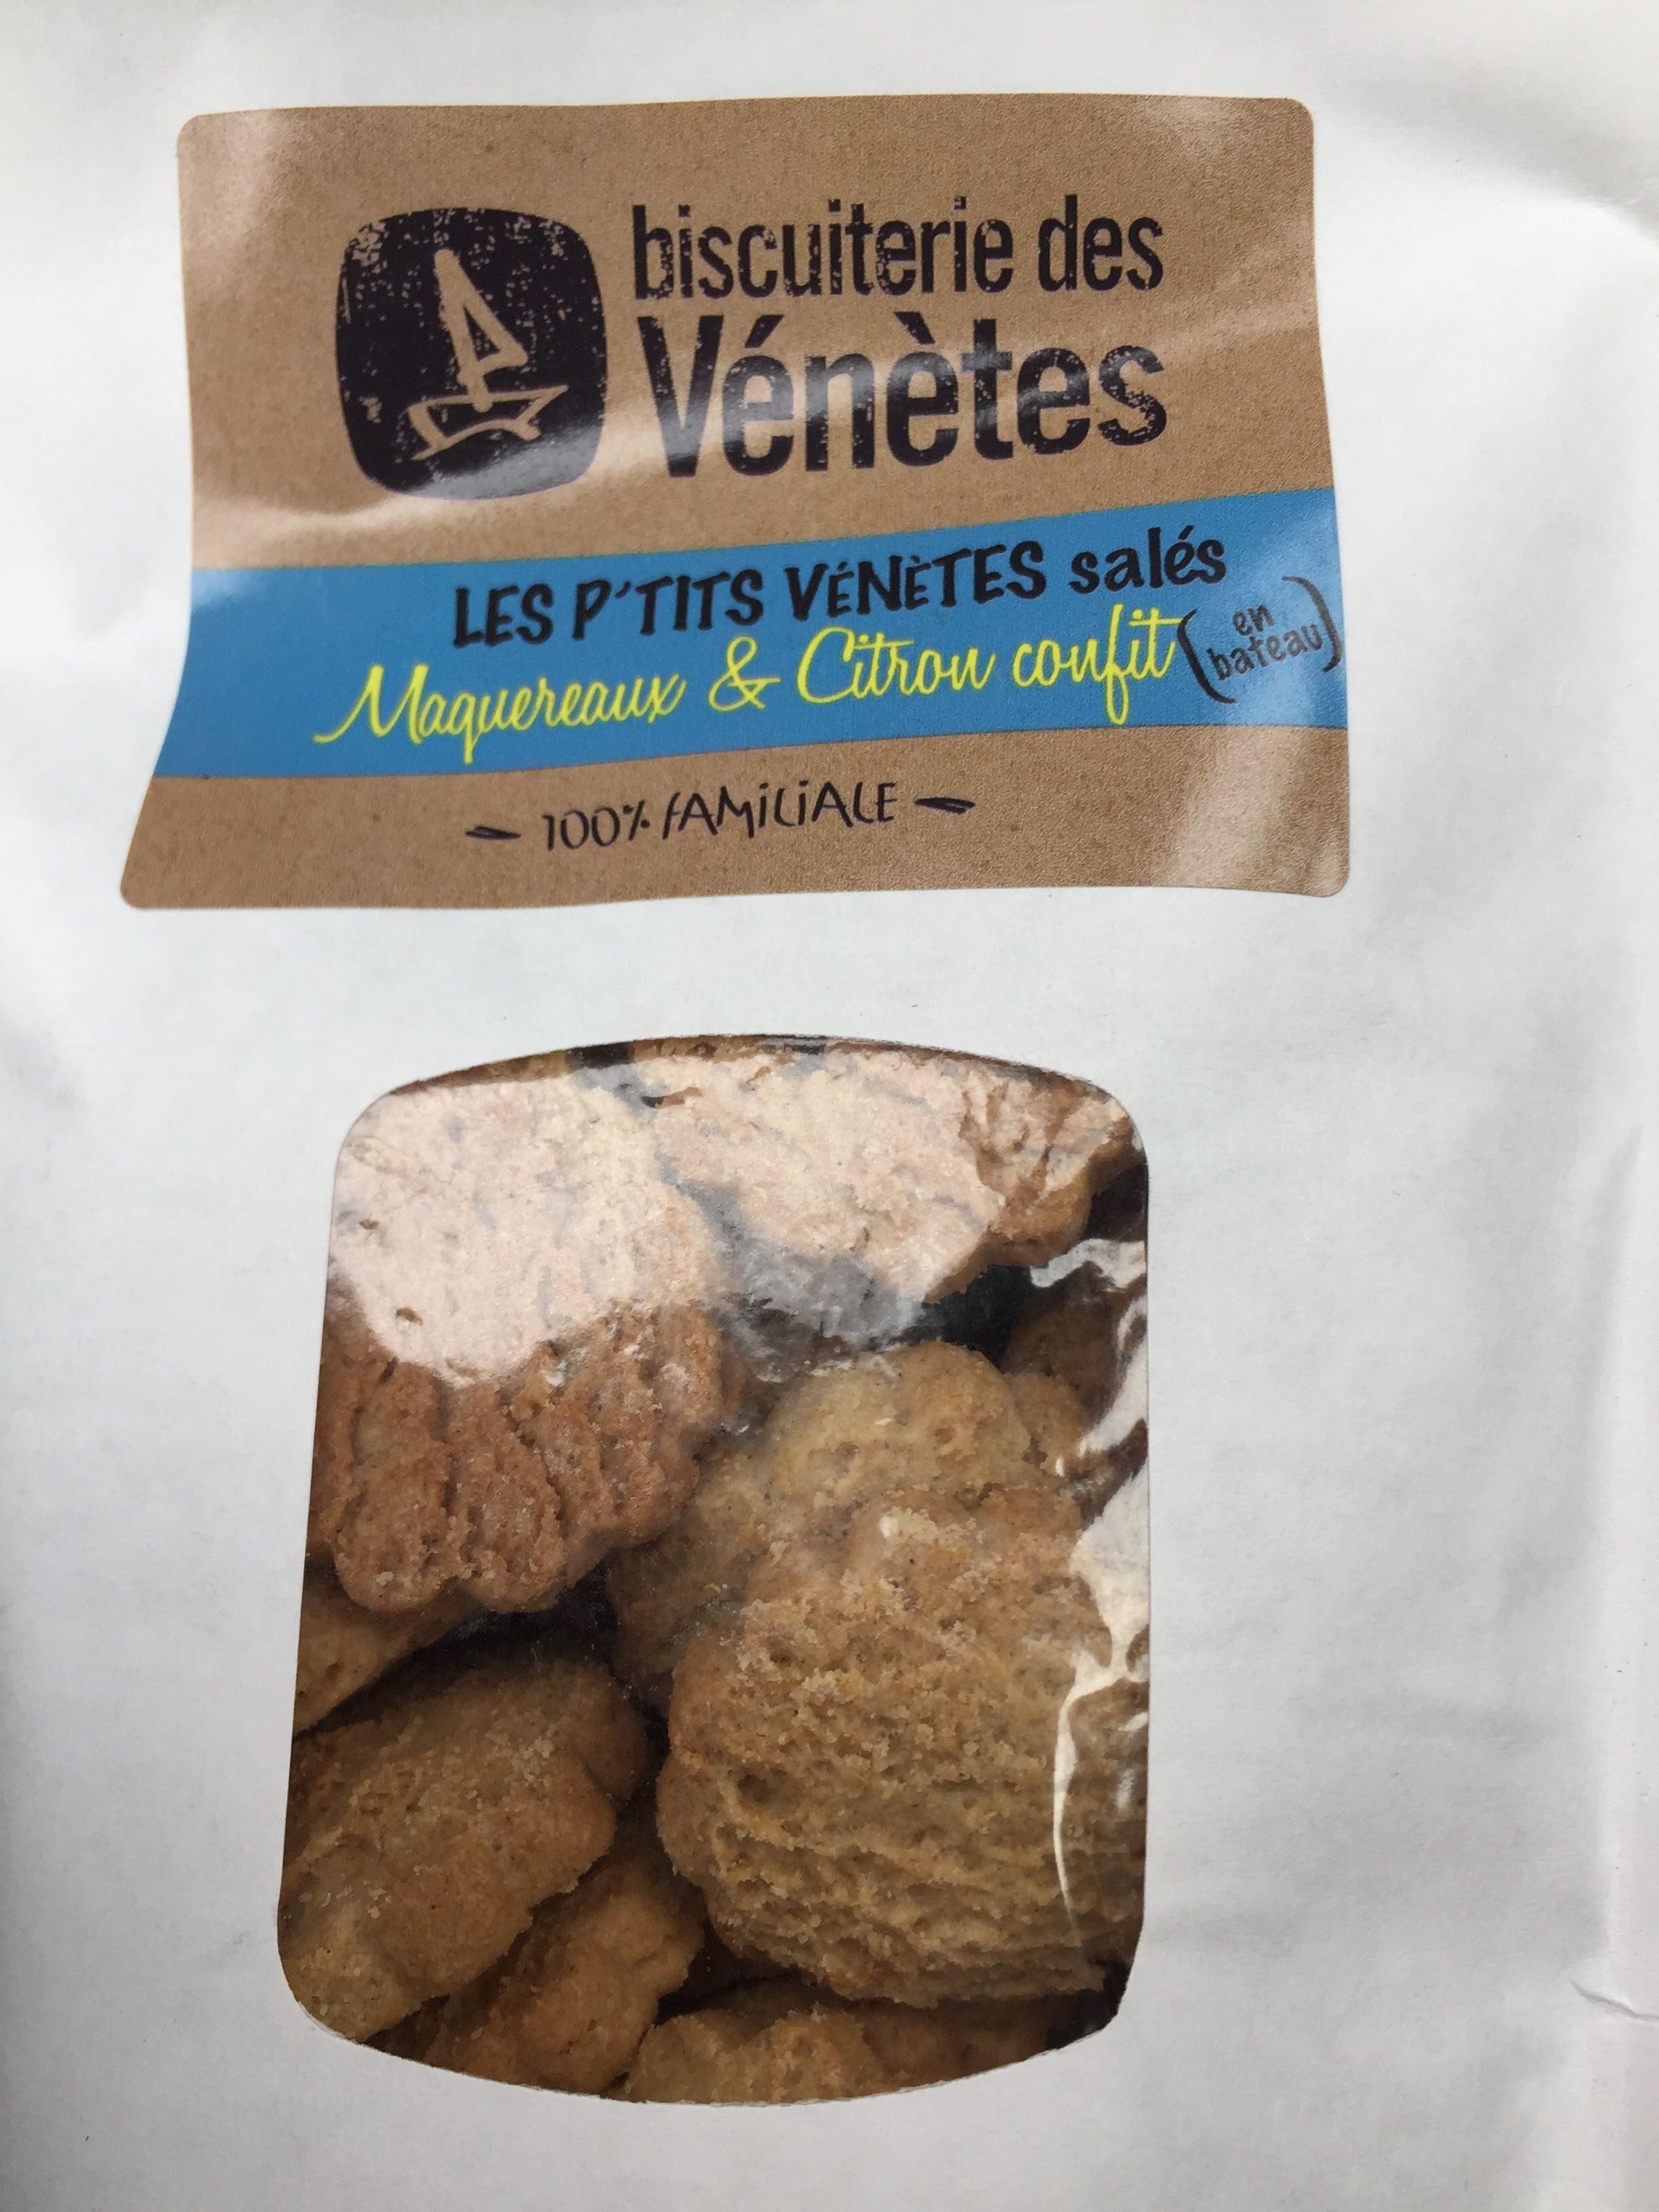 Les p'tits venetes salés Maquereaux & citron confit - Product